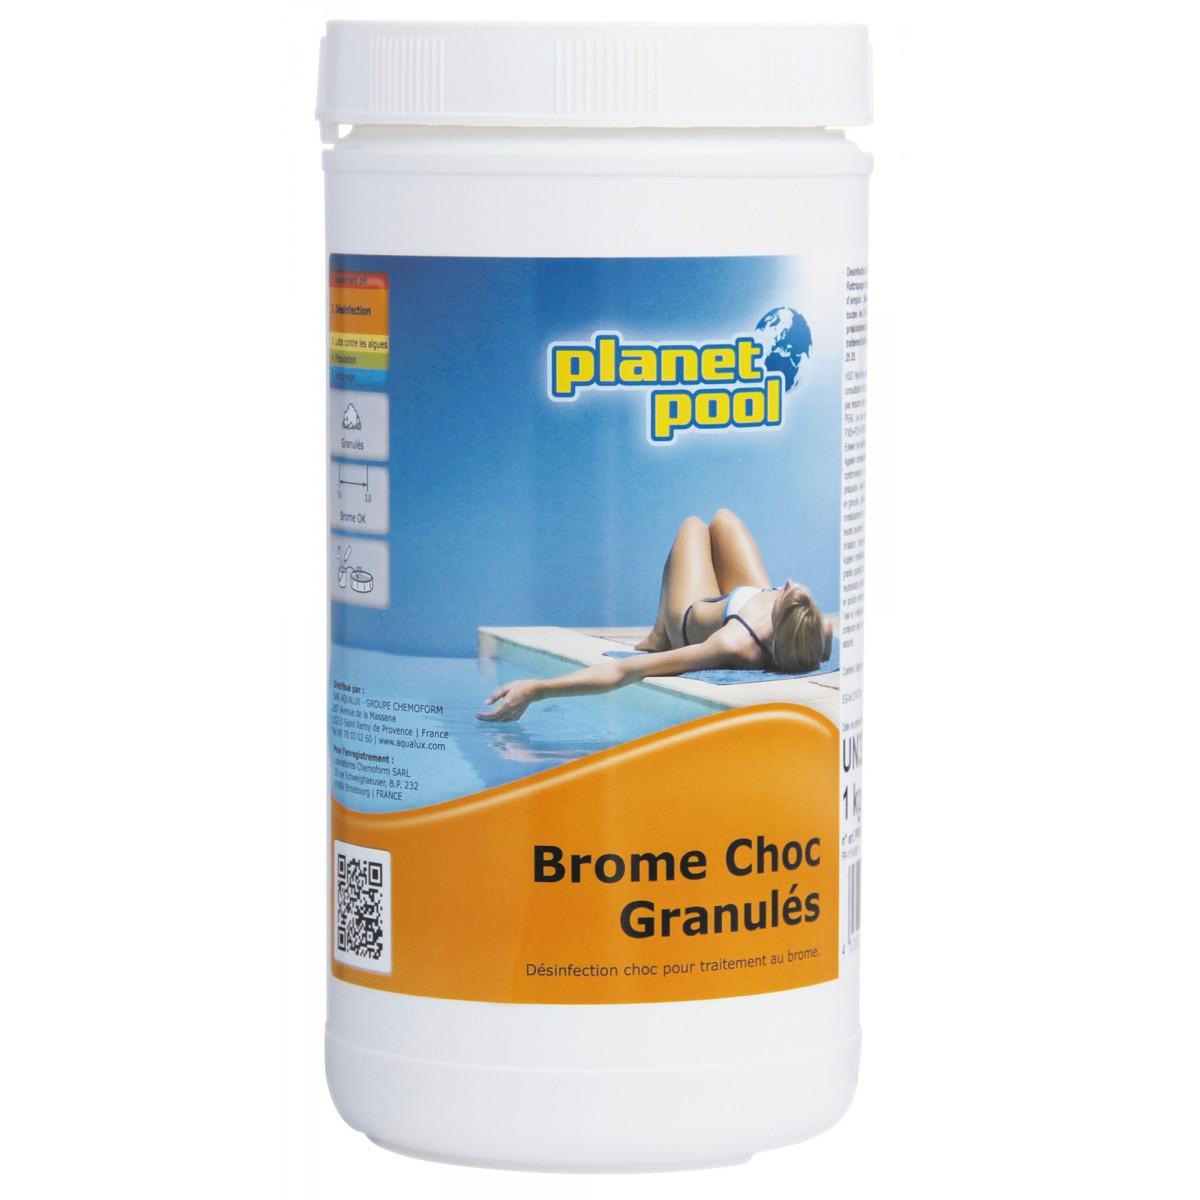 Granulés brome choc Planet Pool - Poids 1 kg